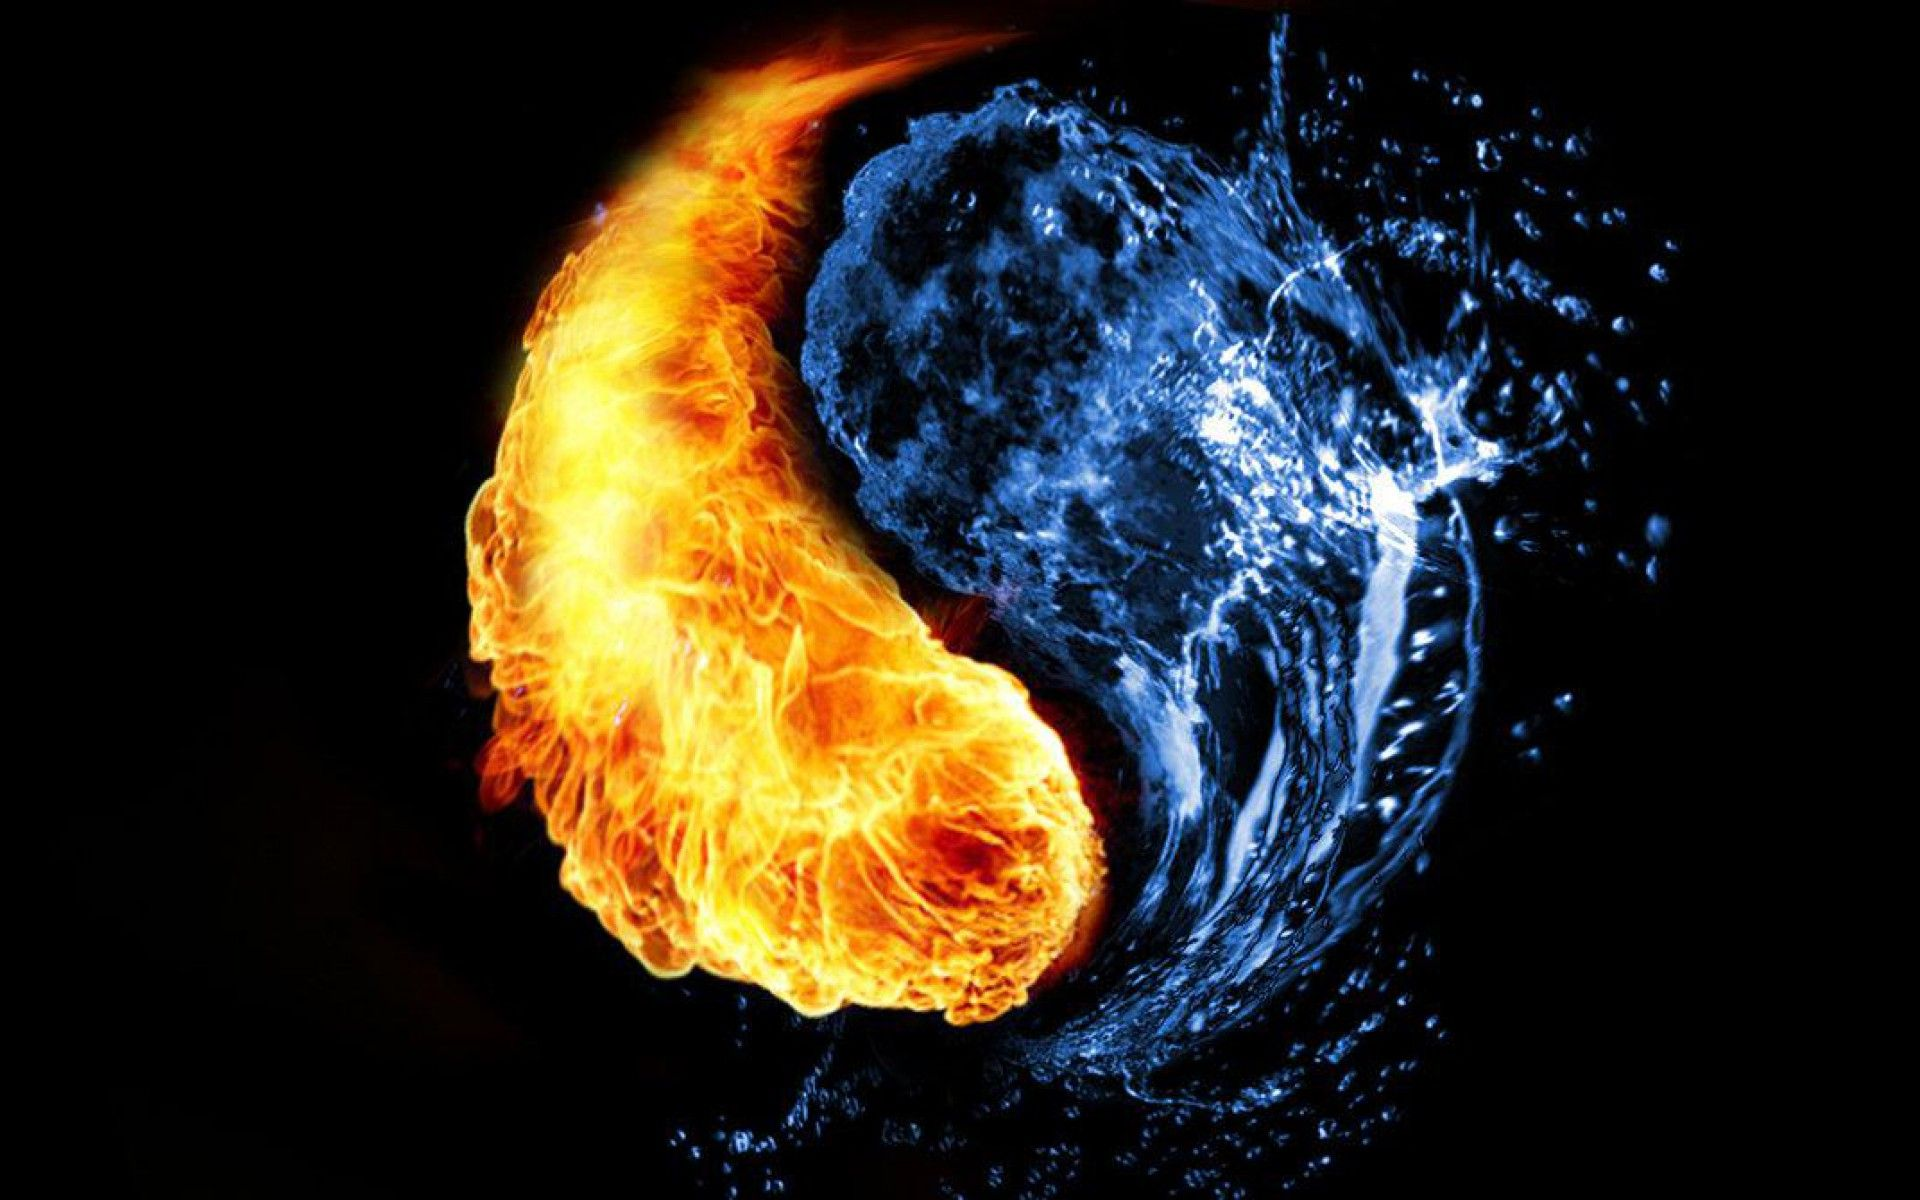 fire and ice yin yang fire and water yin yang